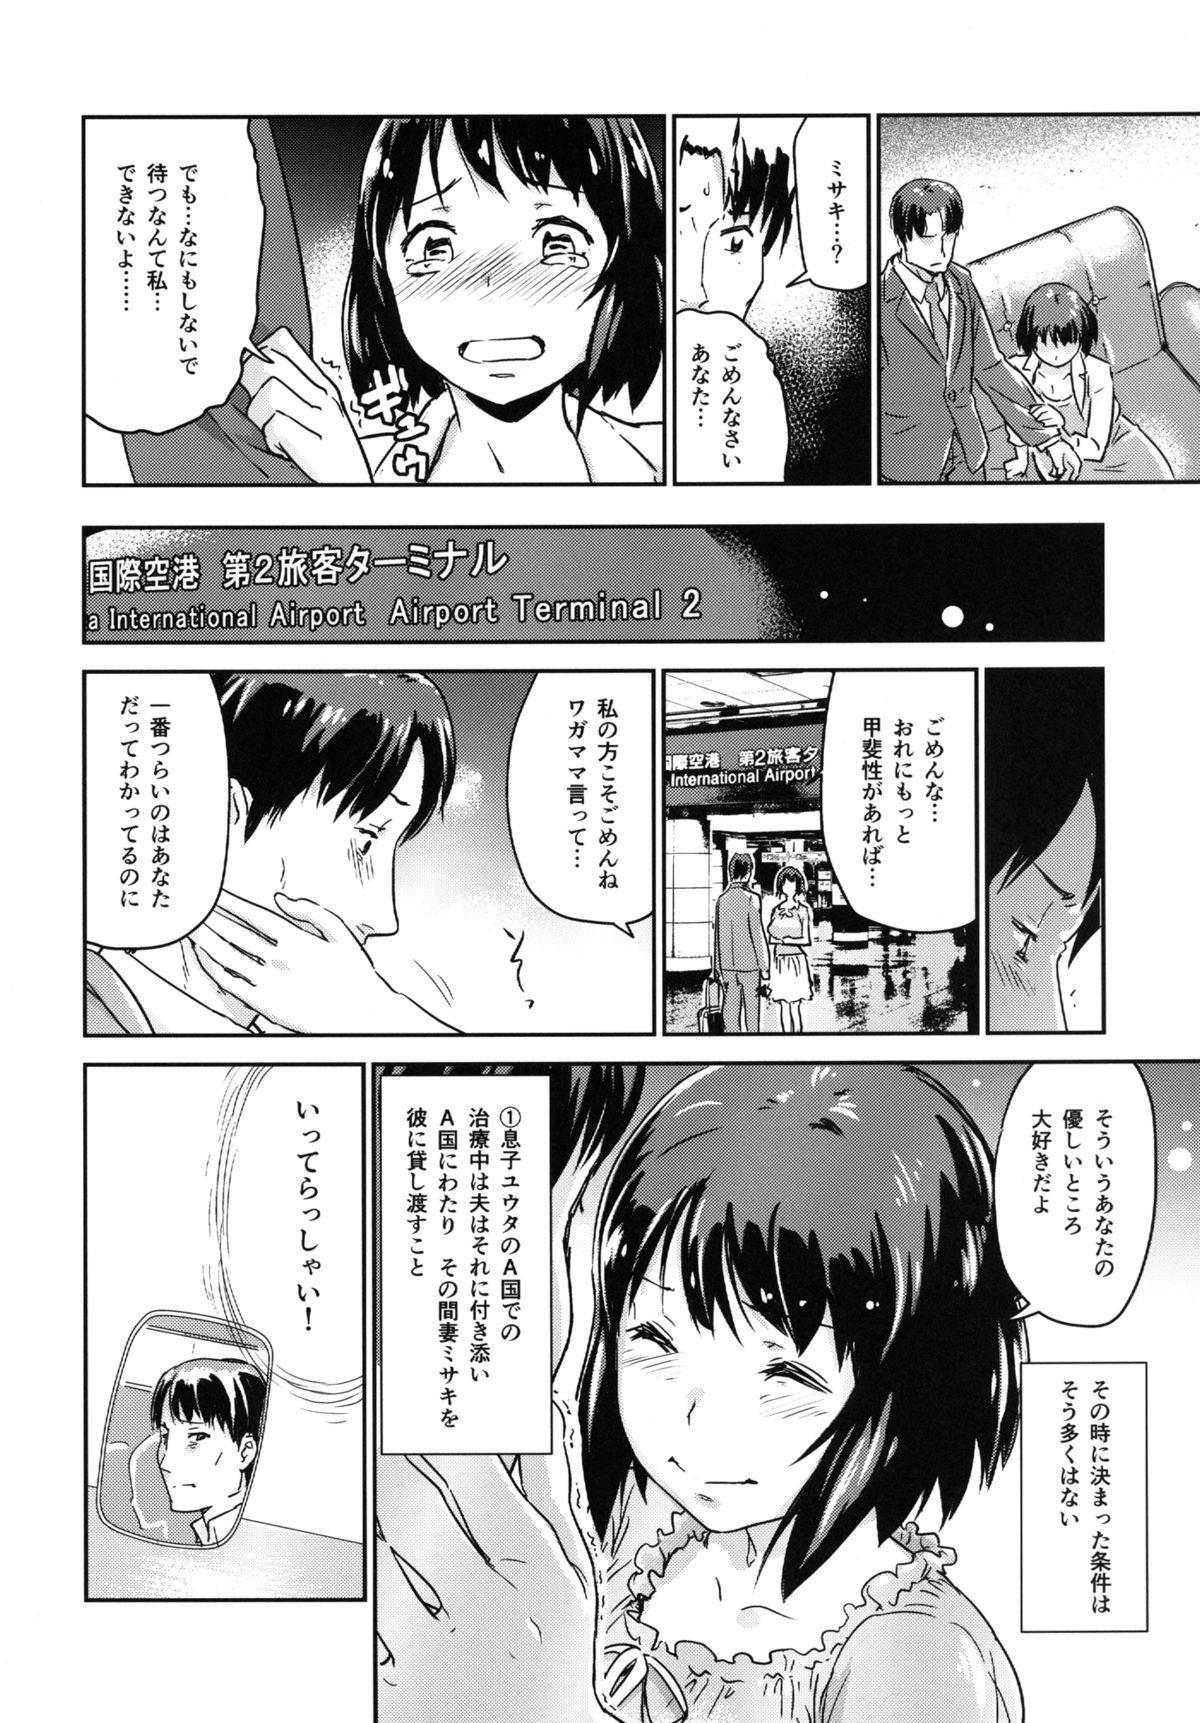 Hitozuma Kari - Kousoku Zecchou Sundome Game Nanbyou no Wagako no Chiryouhi no Tame Sono Mi wo Sashidasu Tsuma 16